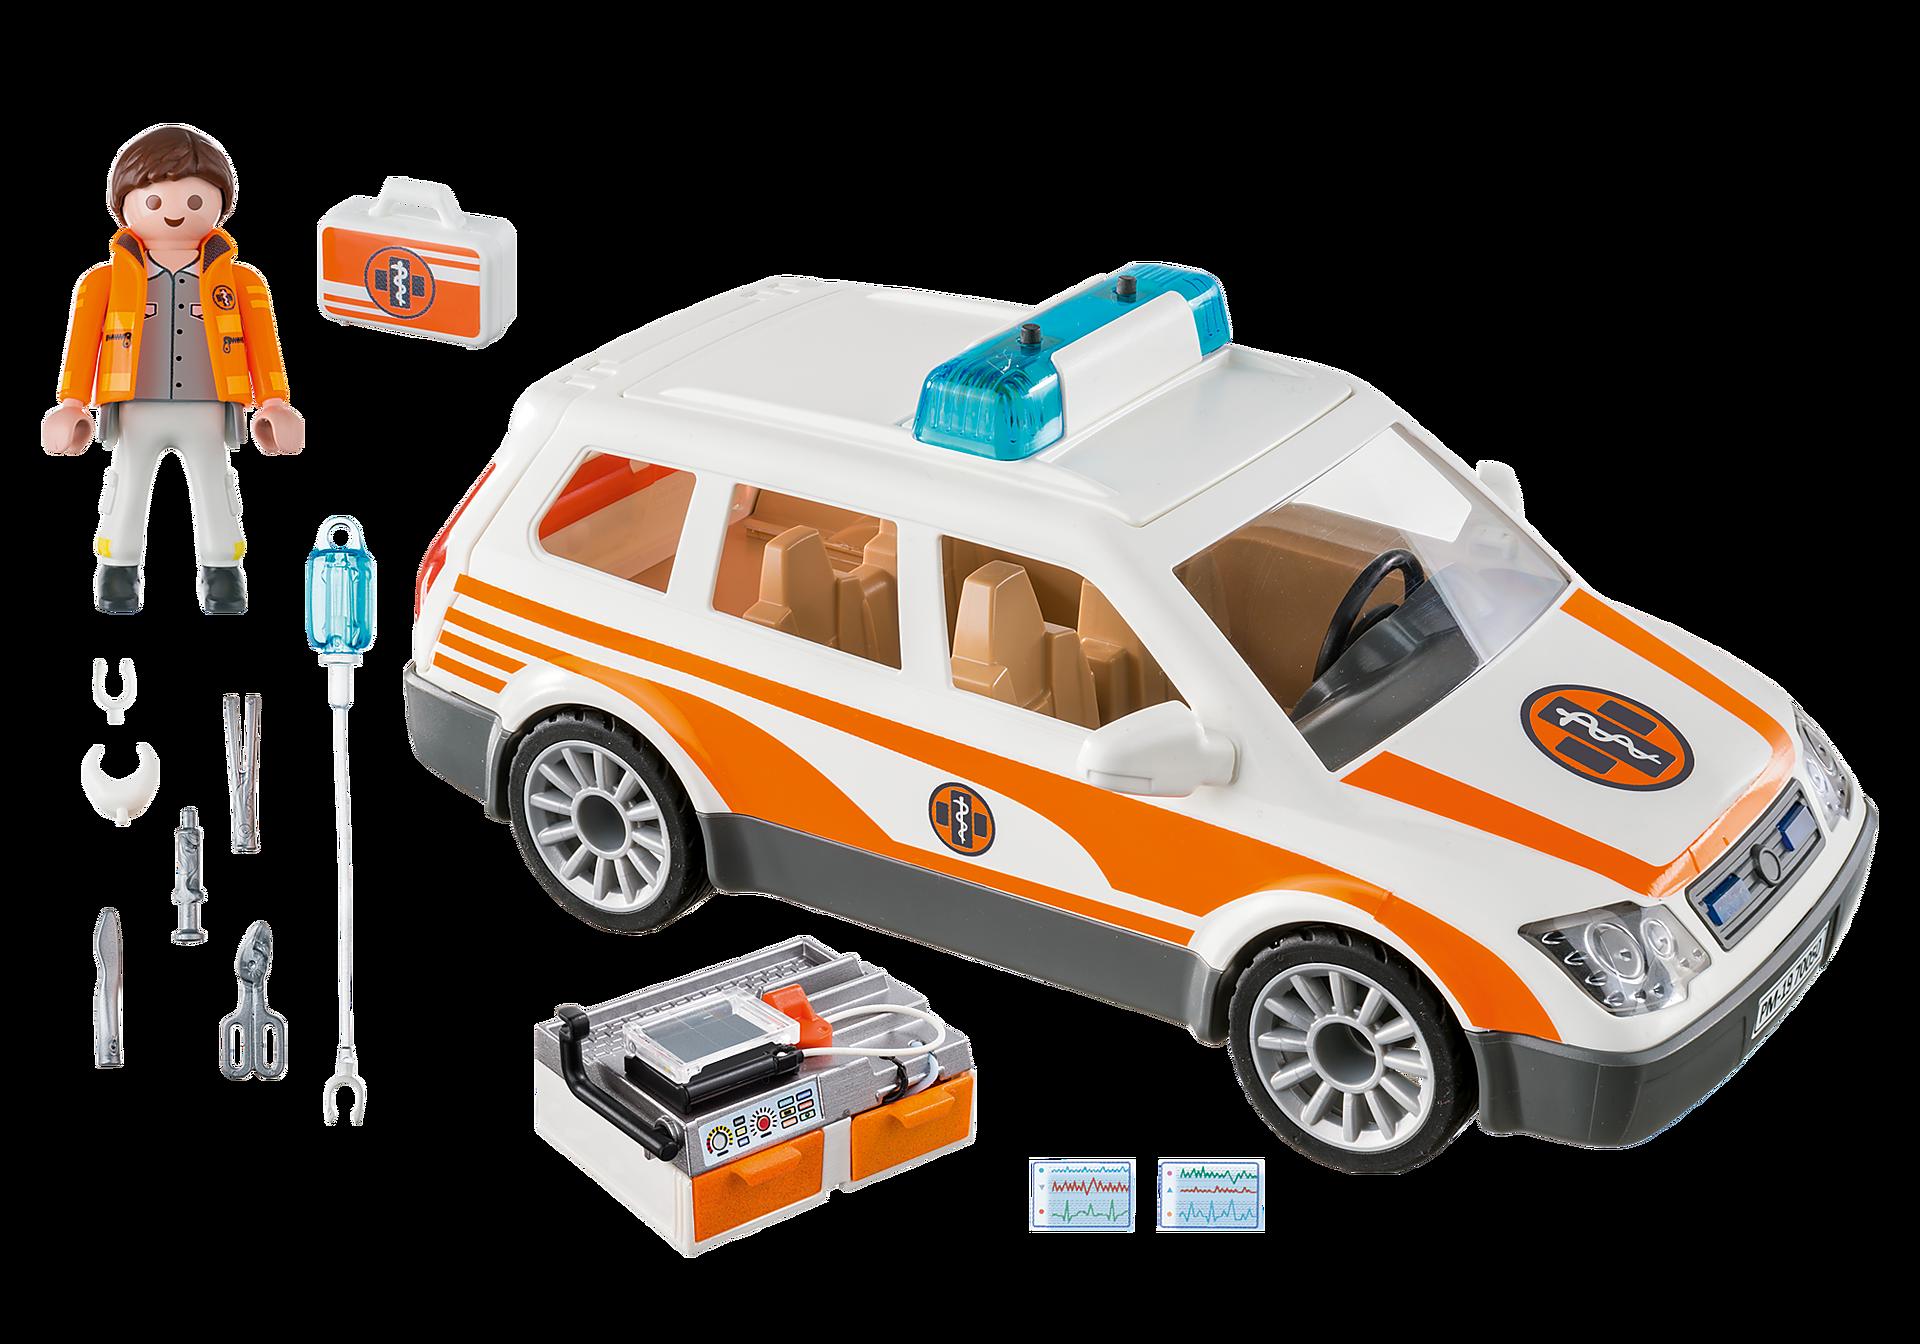 70050 Samochód ratowniczy ze światłem i dźwiękiem zoom image3